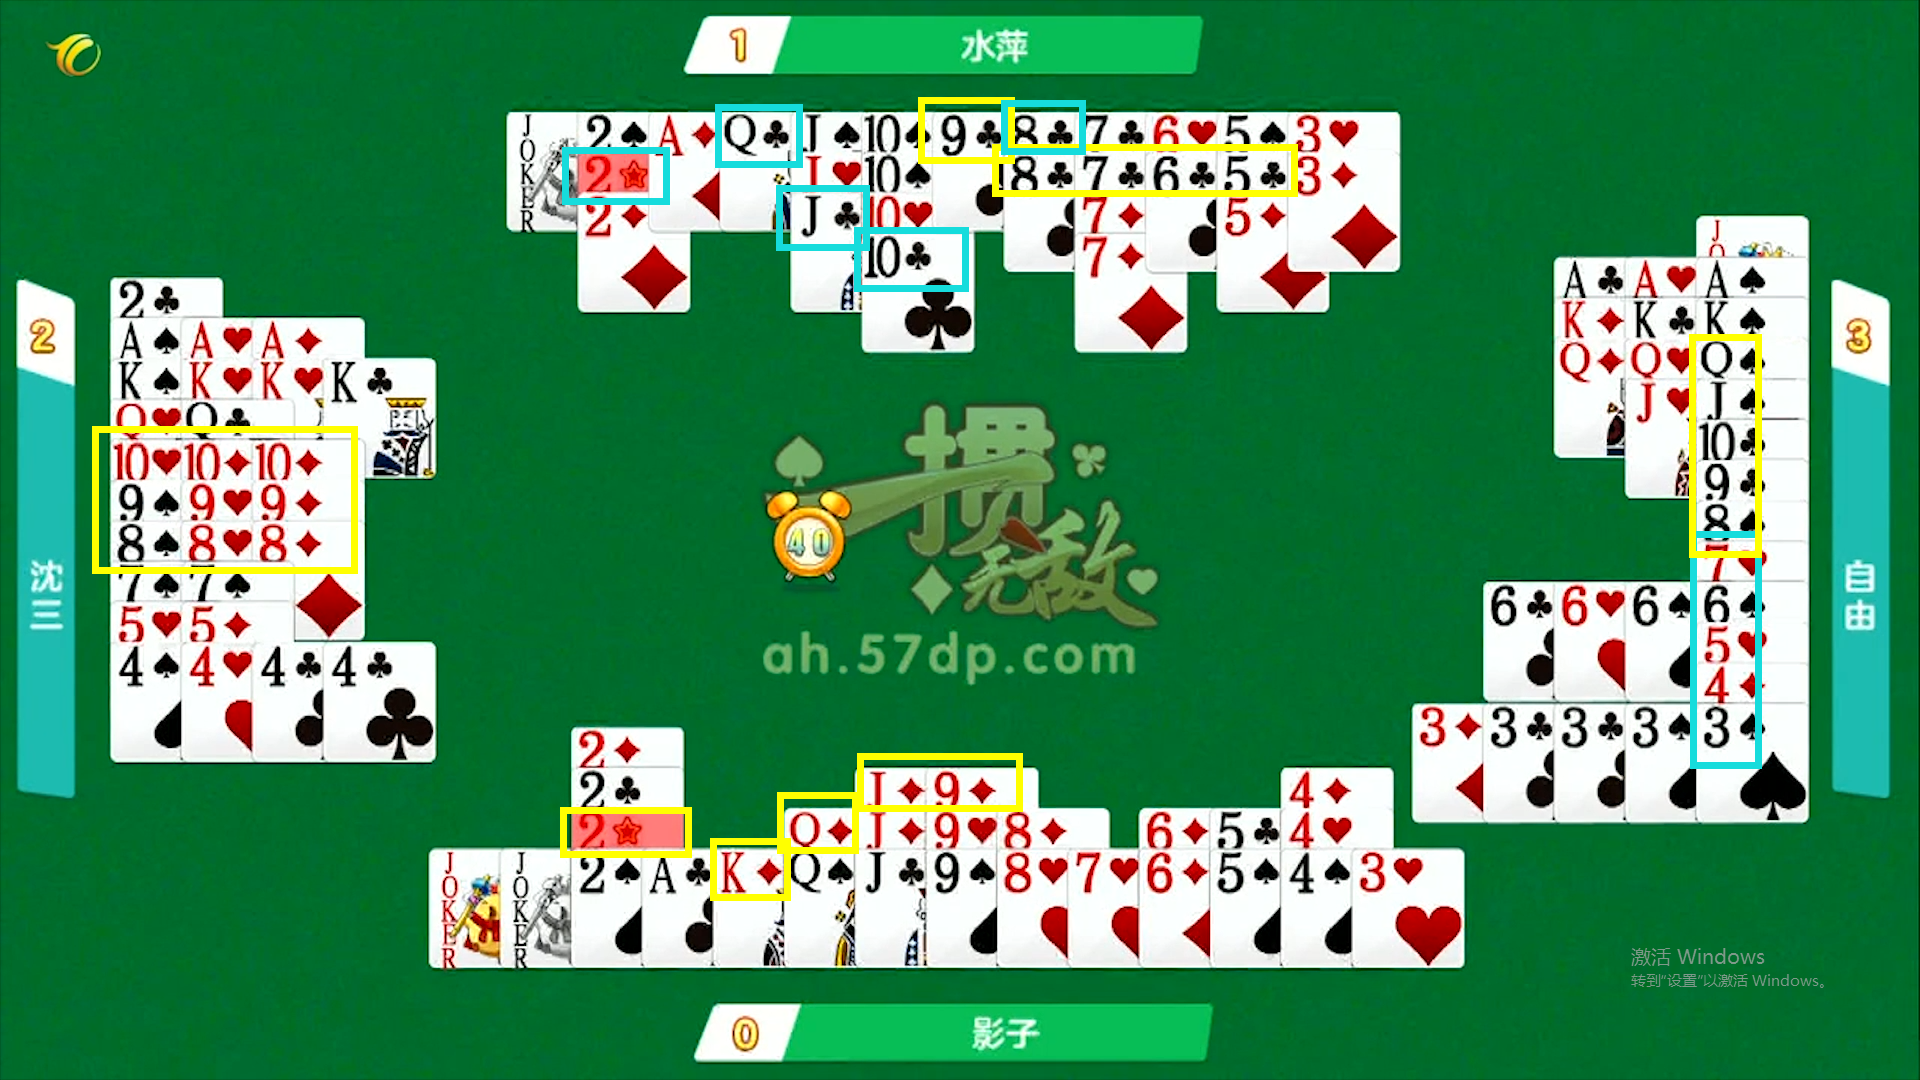 掼蛋技巧实战:拆牌容易组牌难,没有成型的思路千万不要随便拆牌